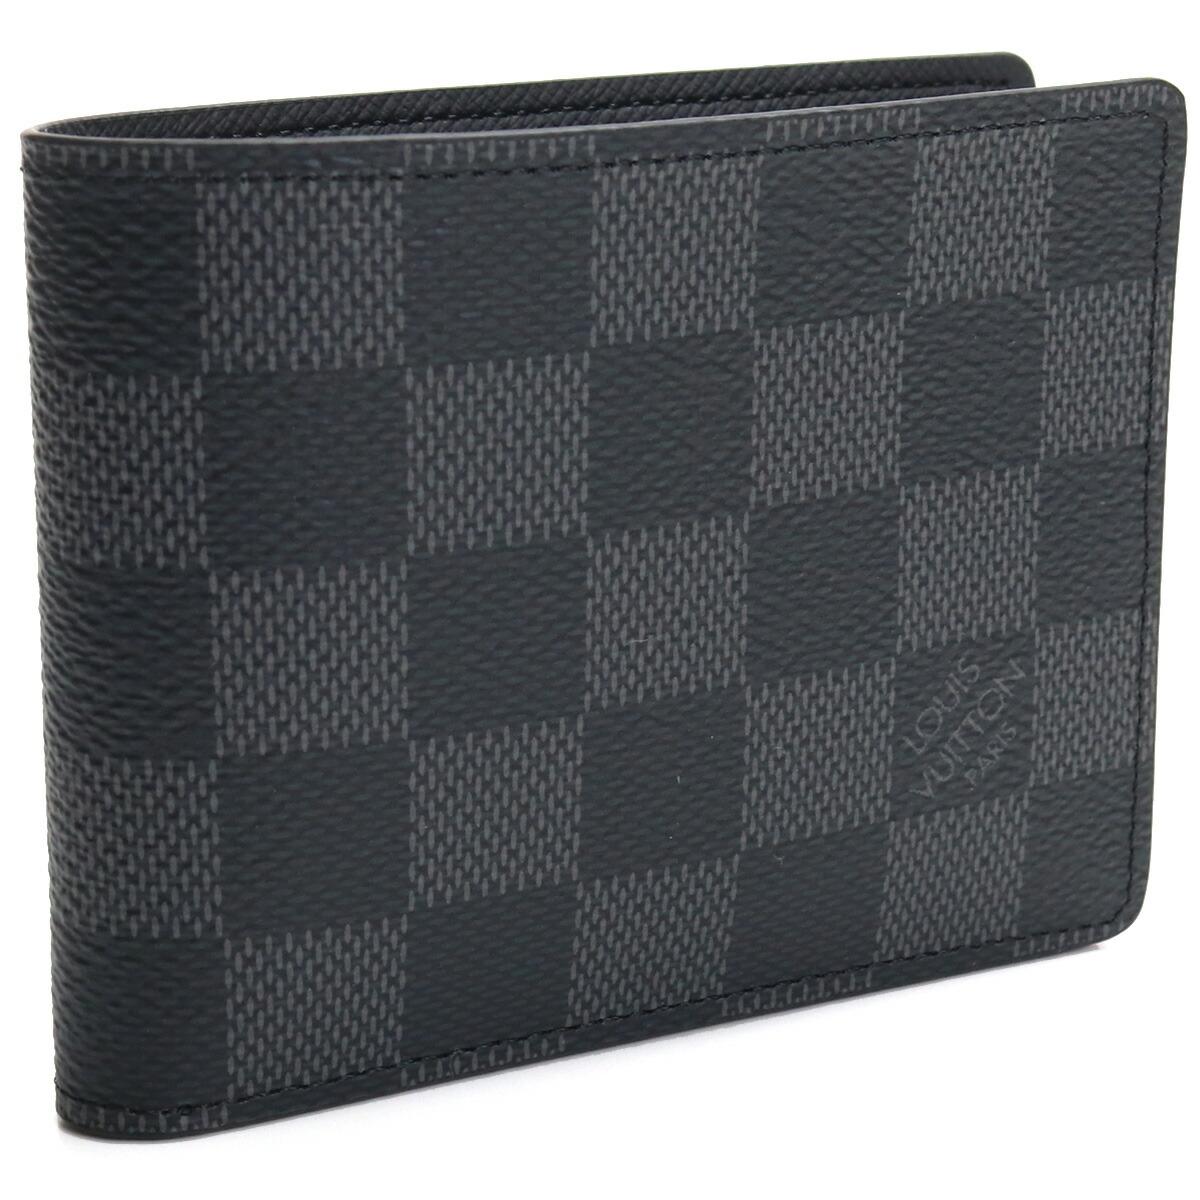 ルイ・ヴィトン LOUIS VUITTON グラフィット 2つ折り財布 ブランド財布 N63261 グラフィット グレー系 bos-45 gsm-2